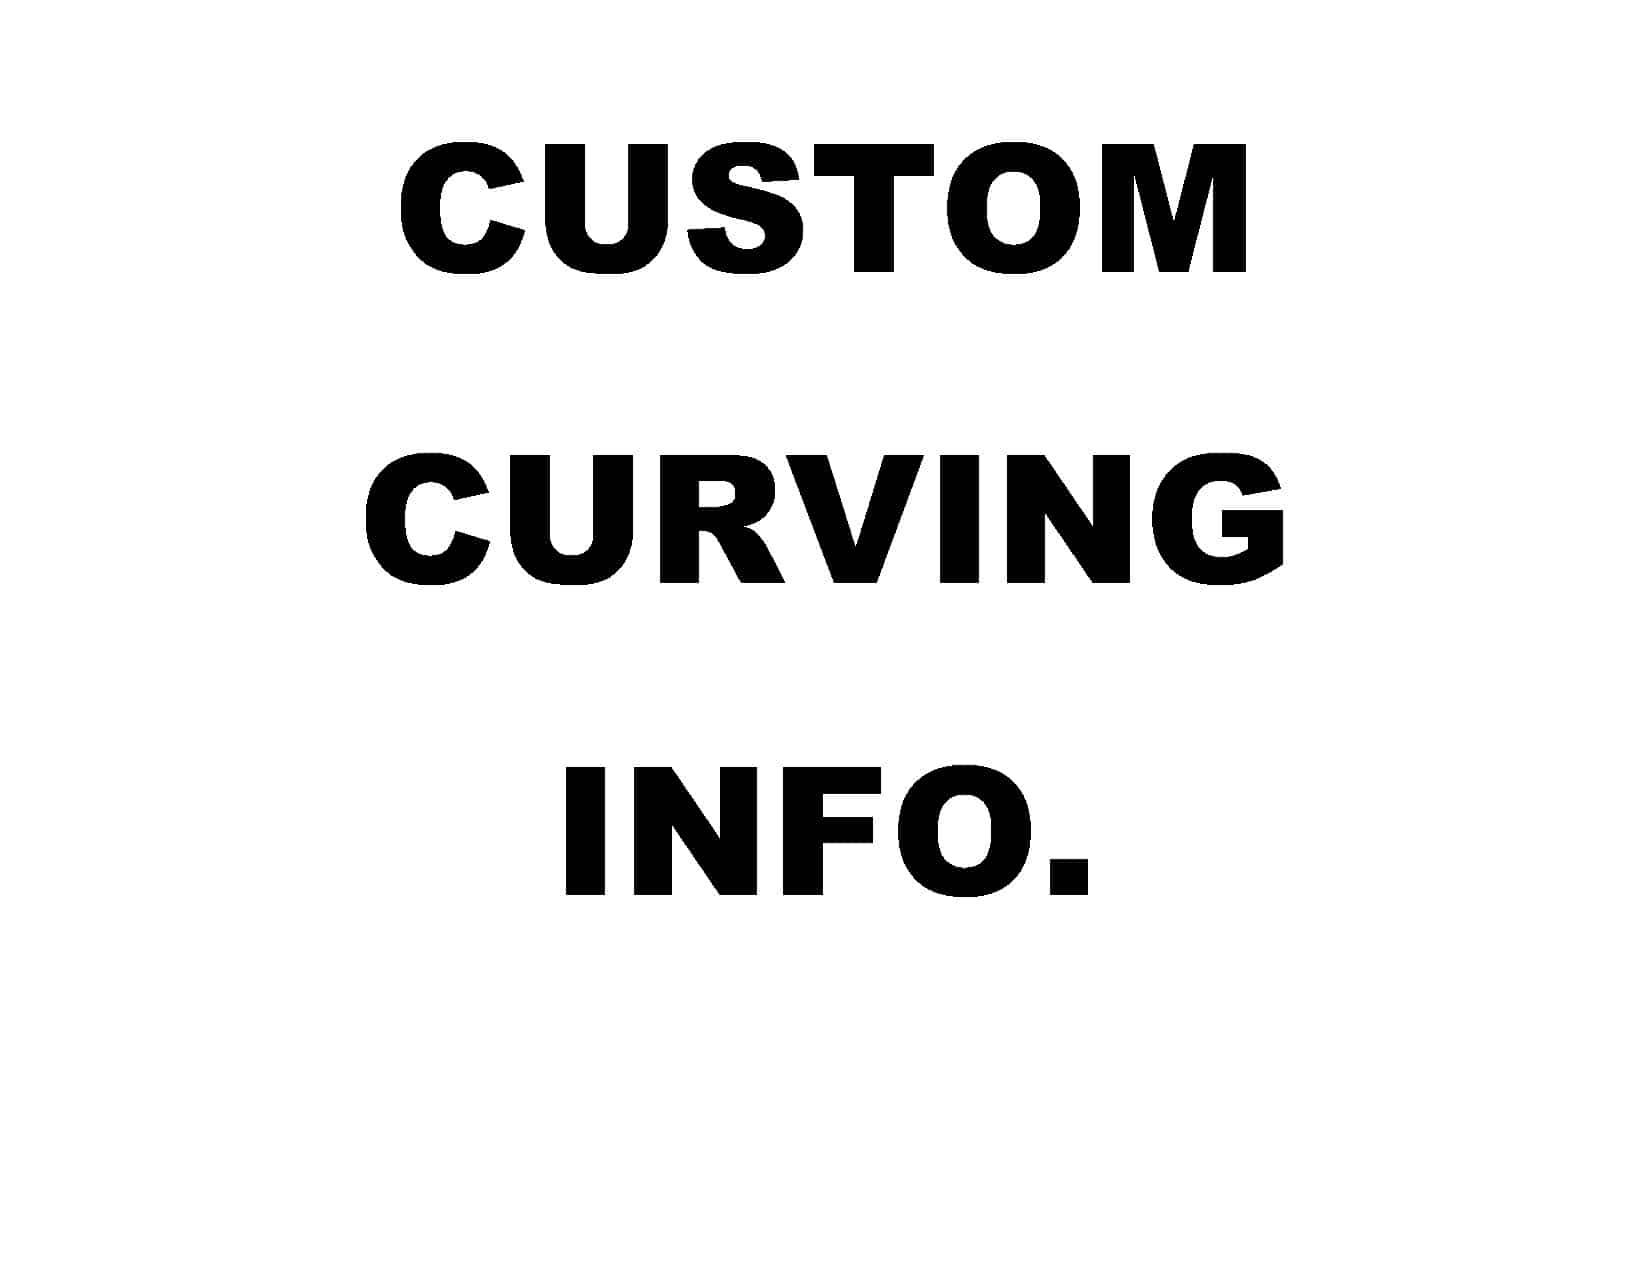 CUSTOM_CURVING_4b75d5b2ed5f7.jpg